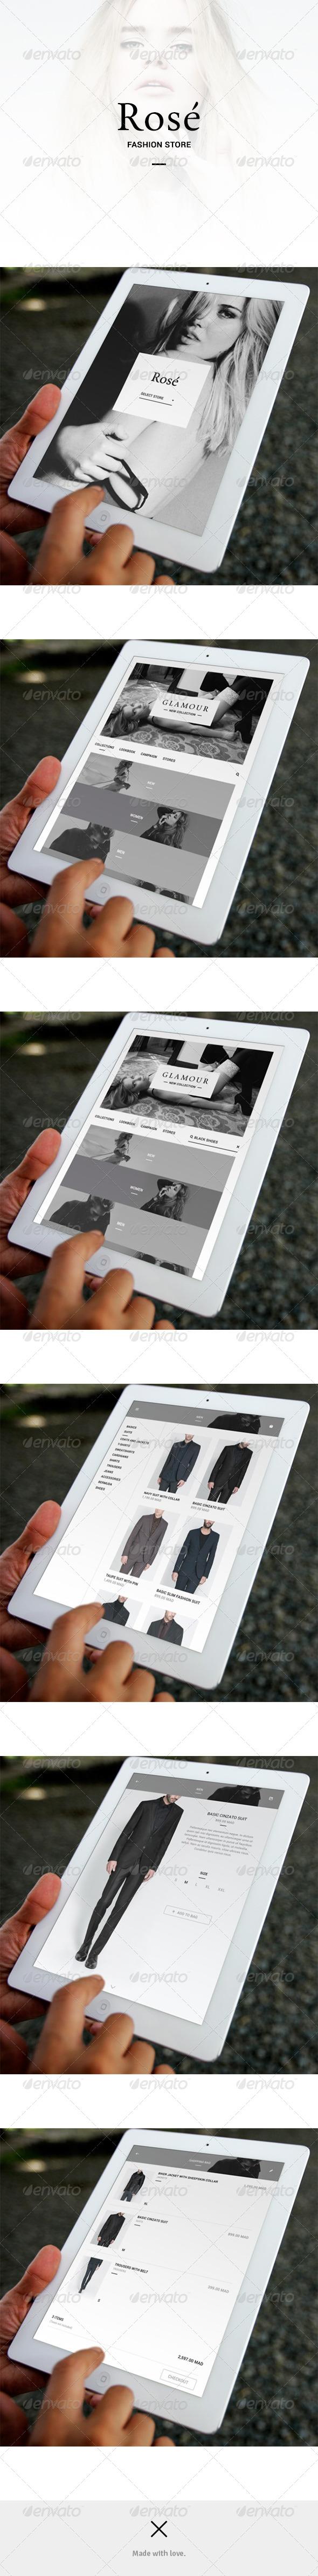 Fashion Store App UI - Rosé - User Interfaces Web Elements